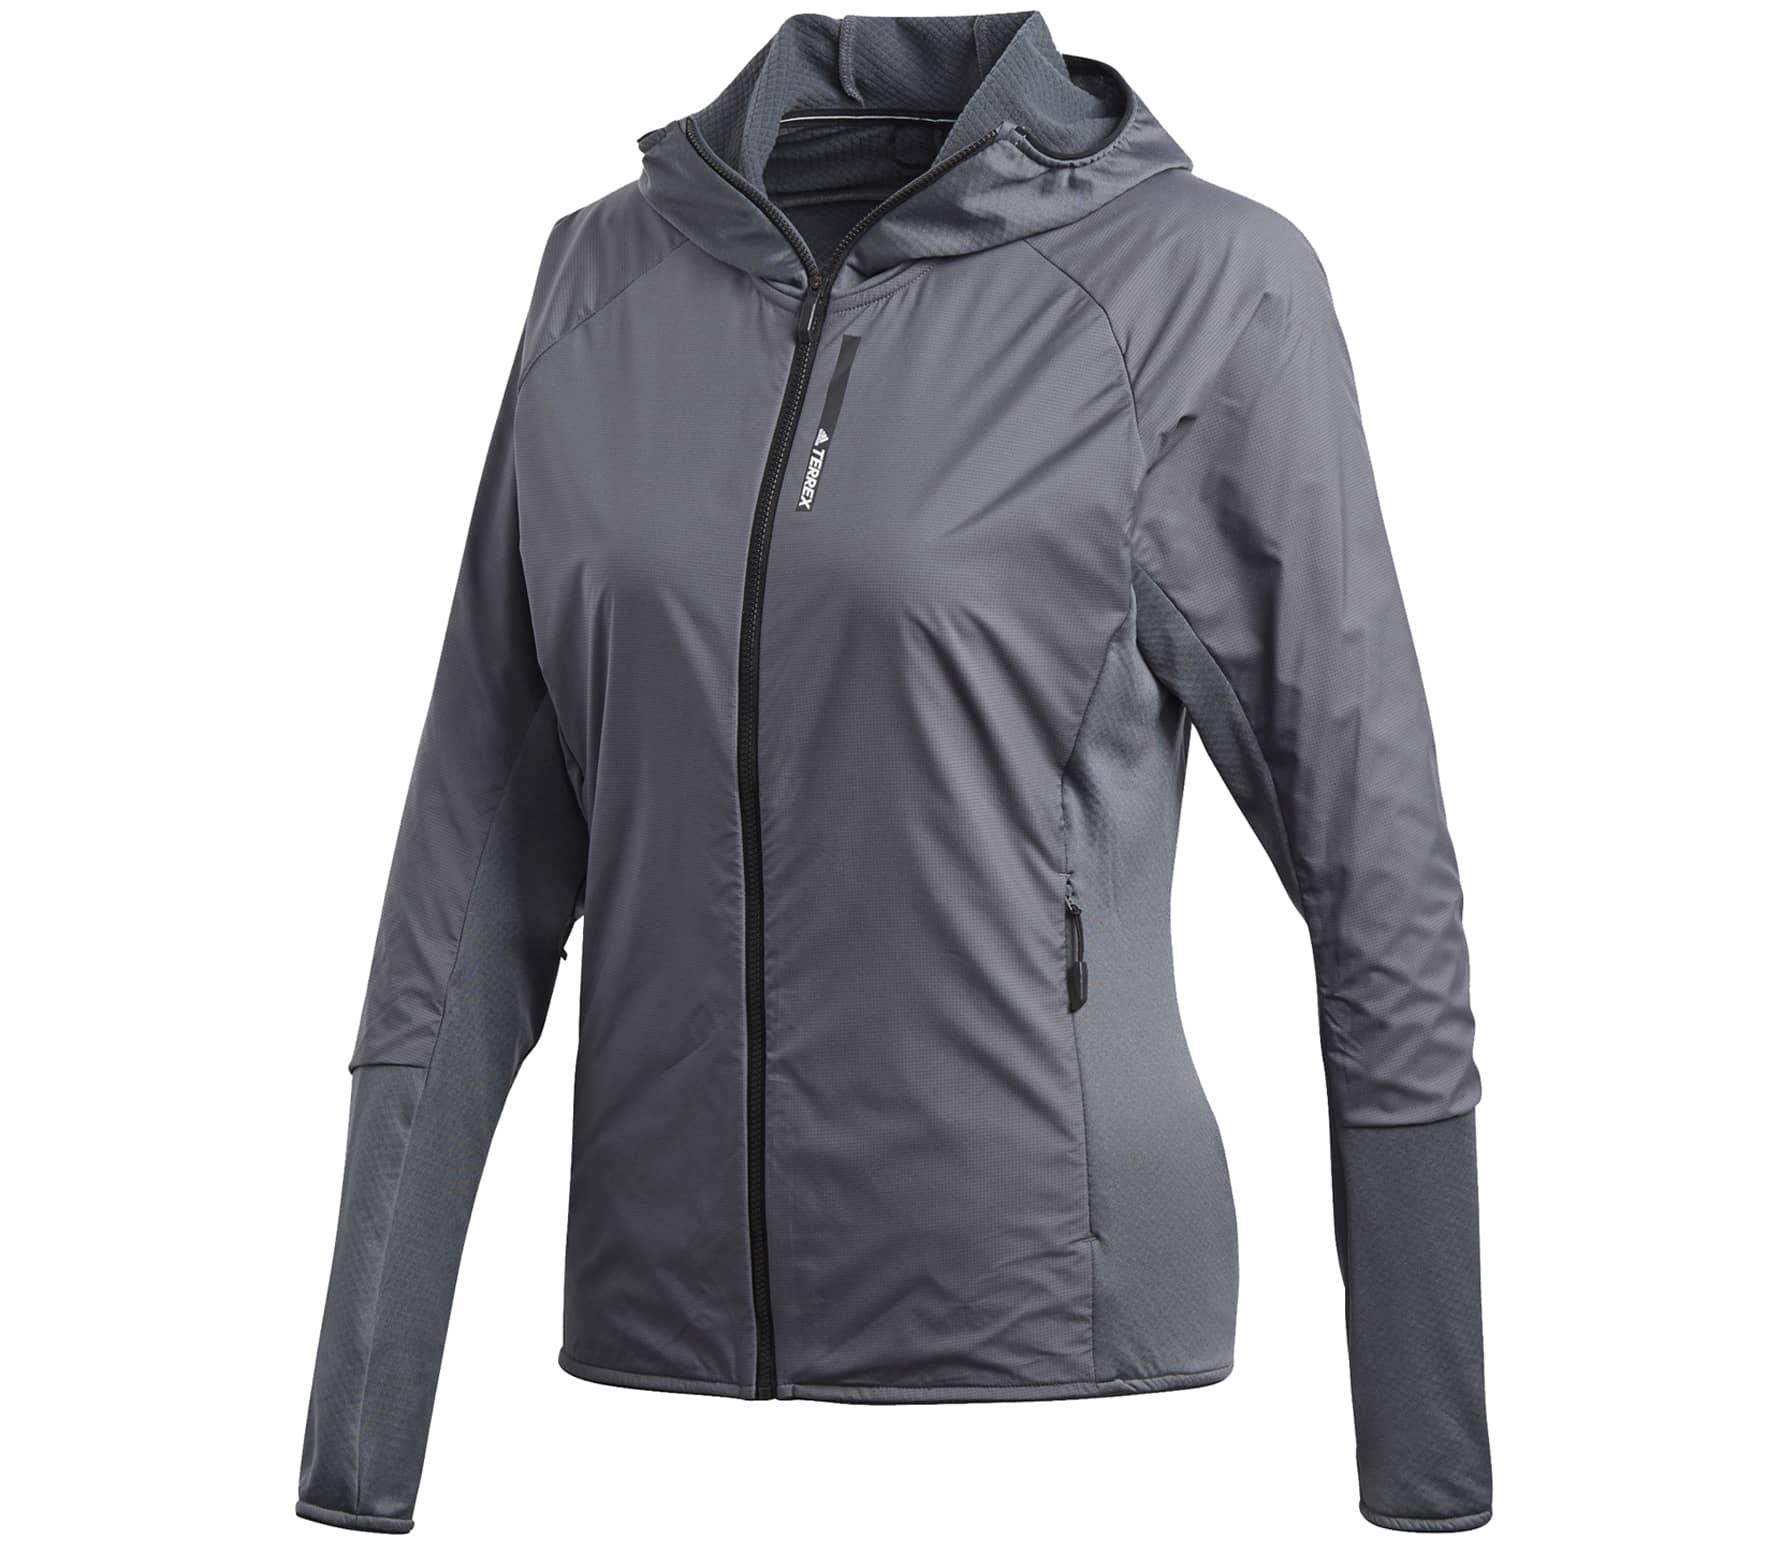 Adidas - Skyclimb Dam fleece jacket (grå) - M